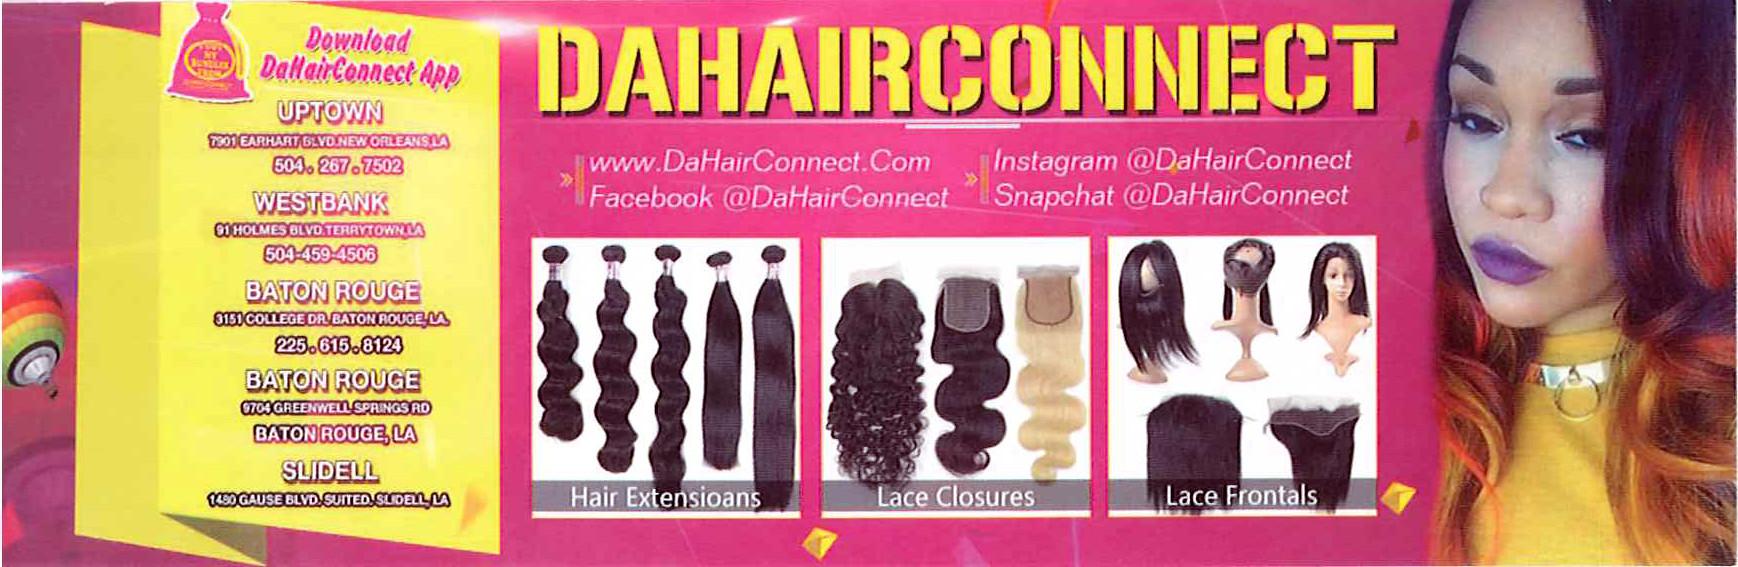 dathairconnect-59c26e86.jpg